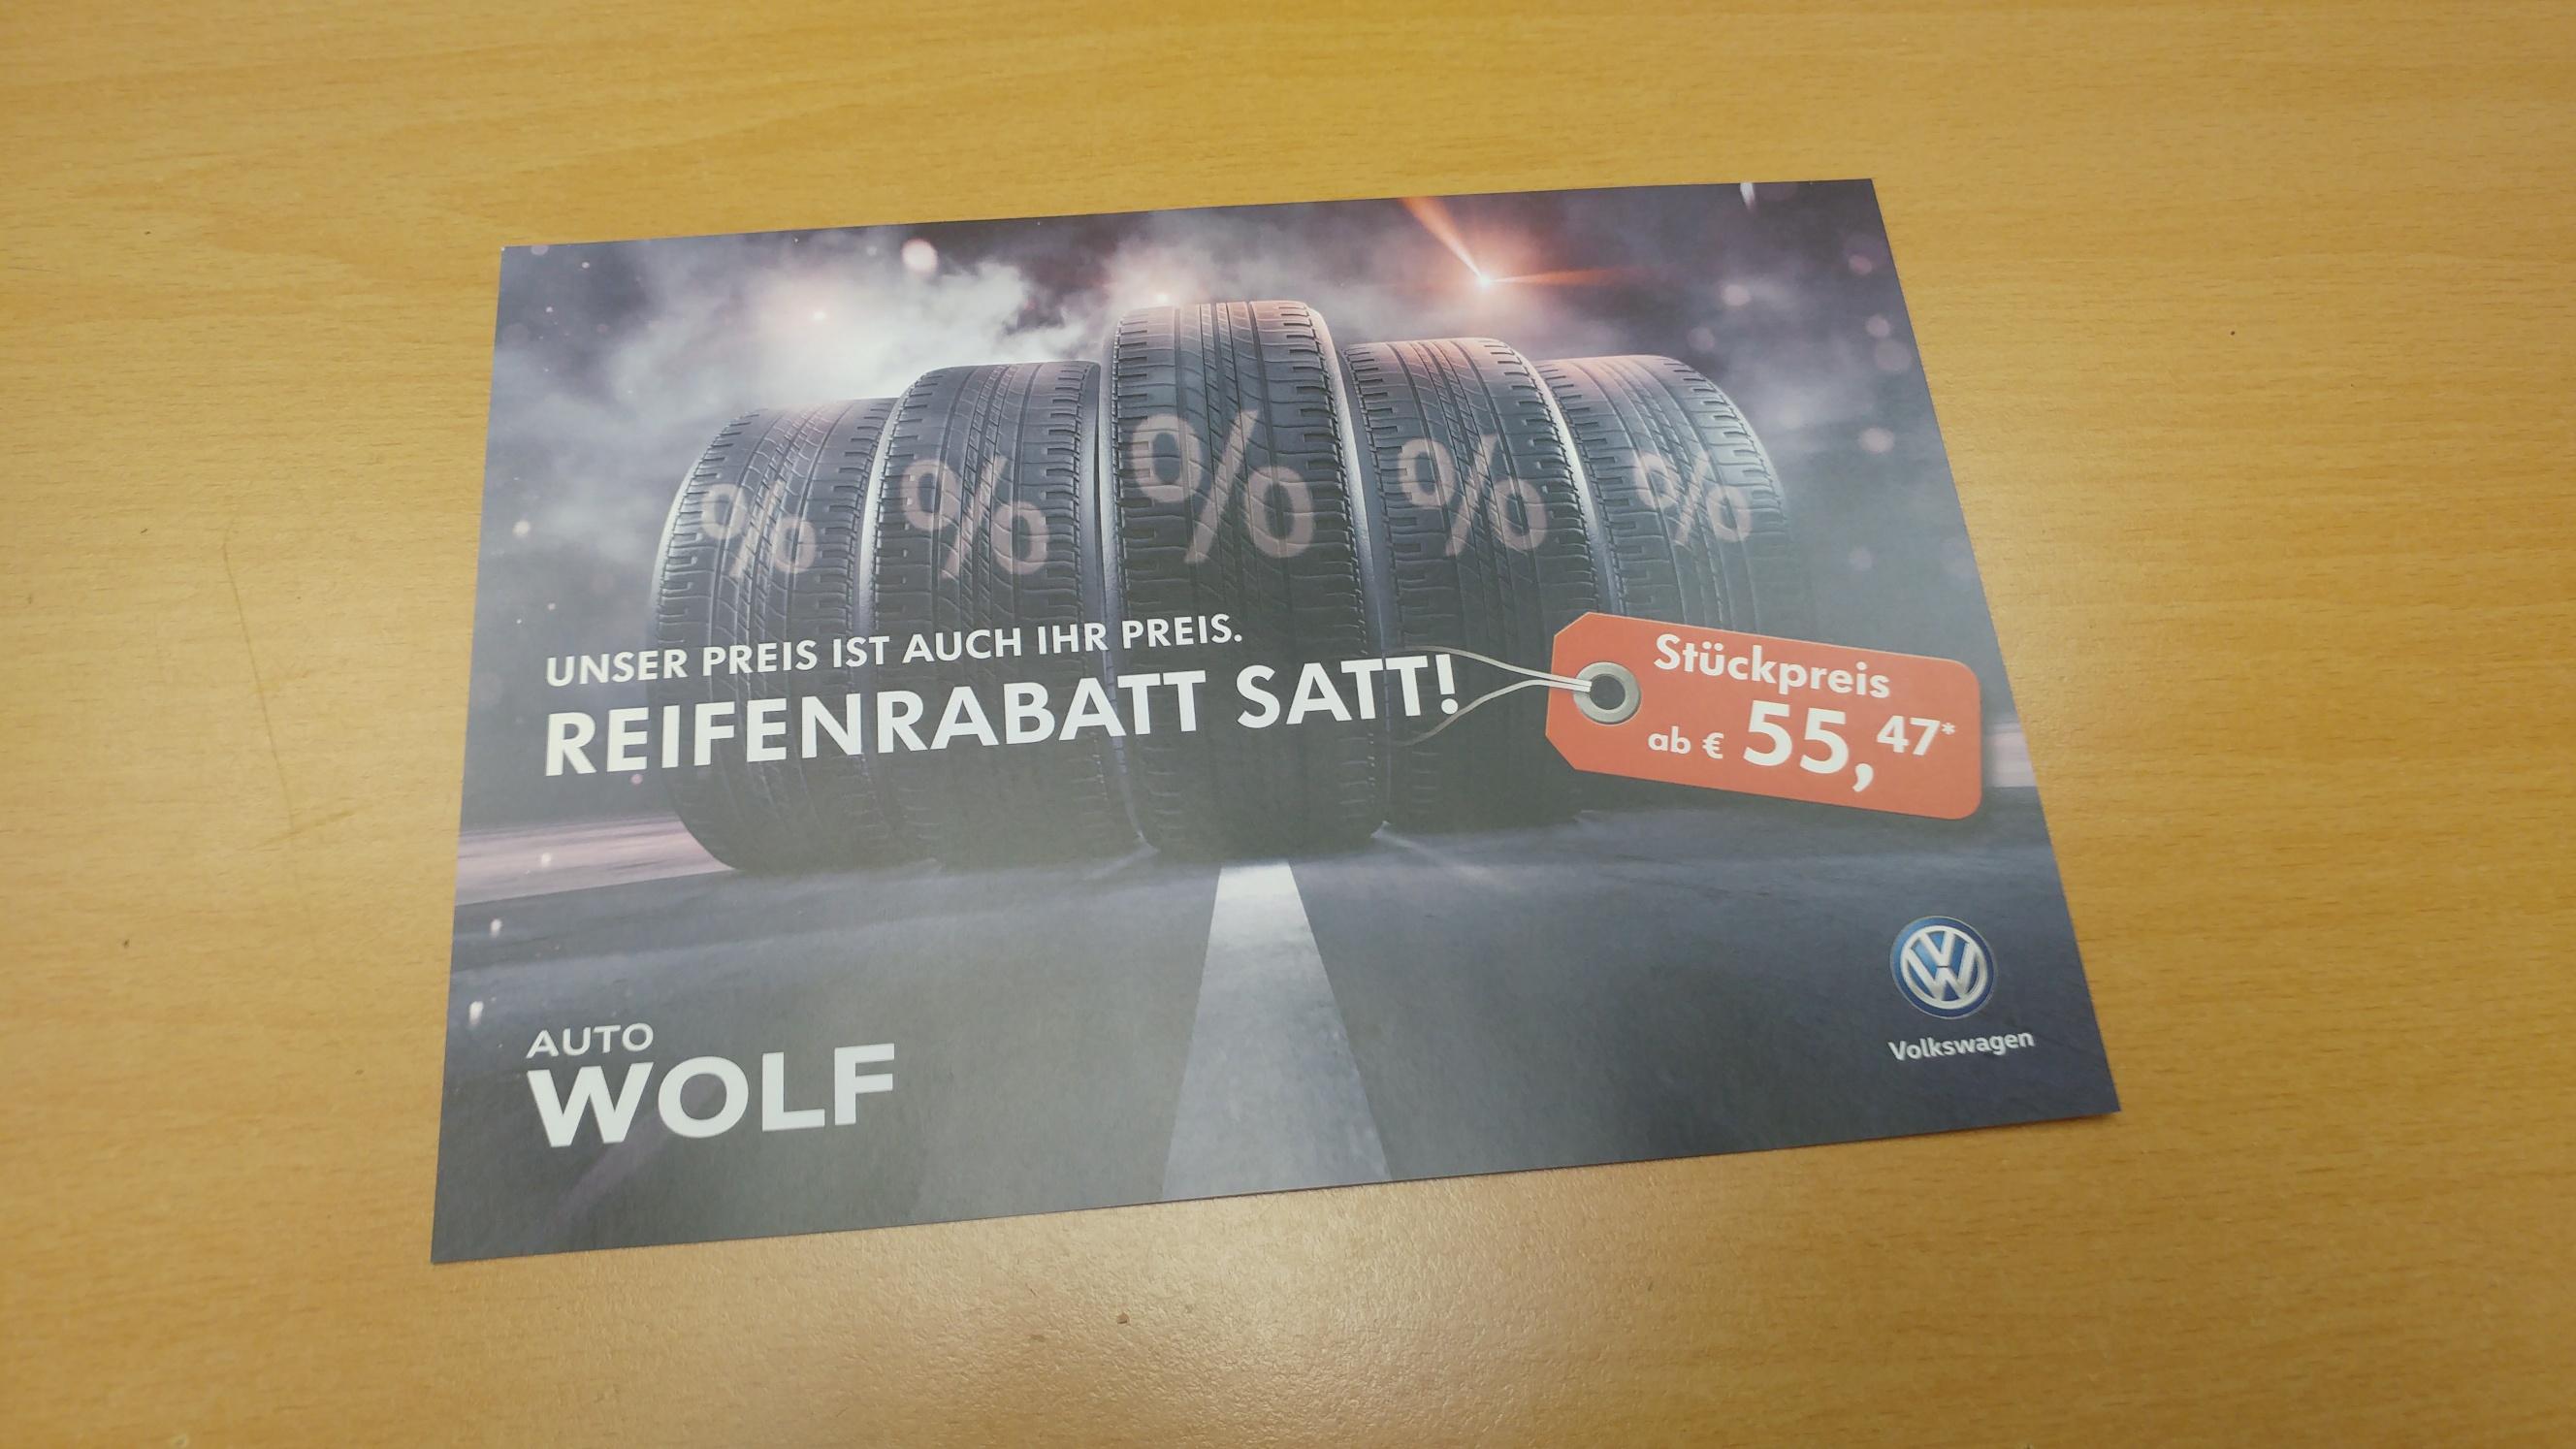 Reifen Aktion bei Volkswagen Auto Wolf in Mülheim an der Ruhr